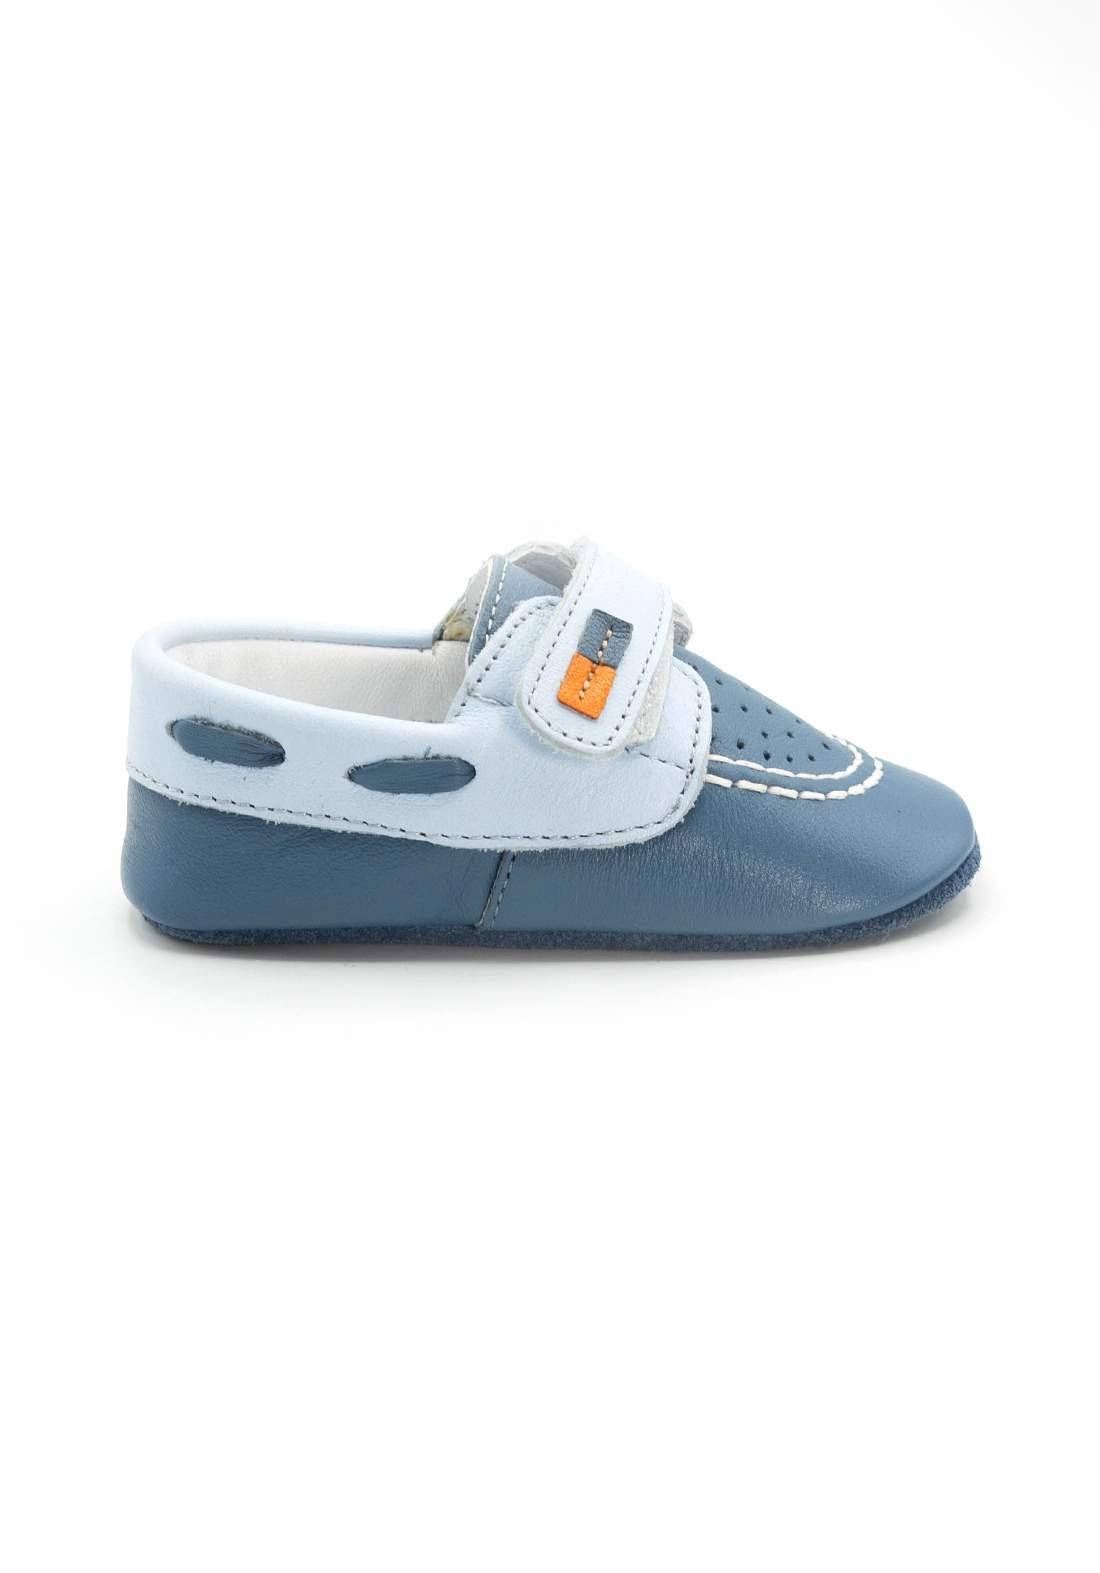 حذاء اطفال ازرق اللون